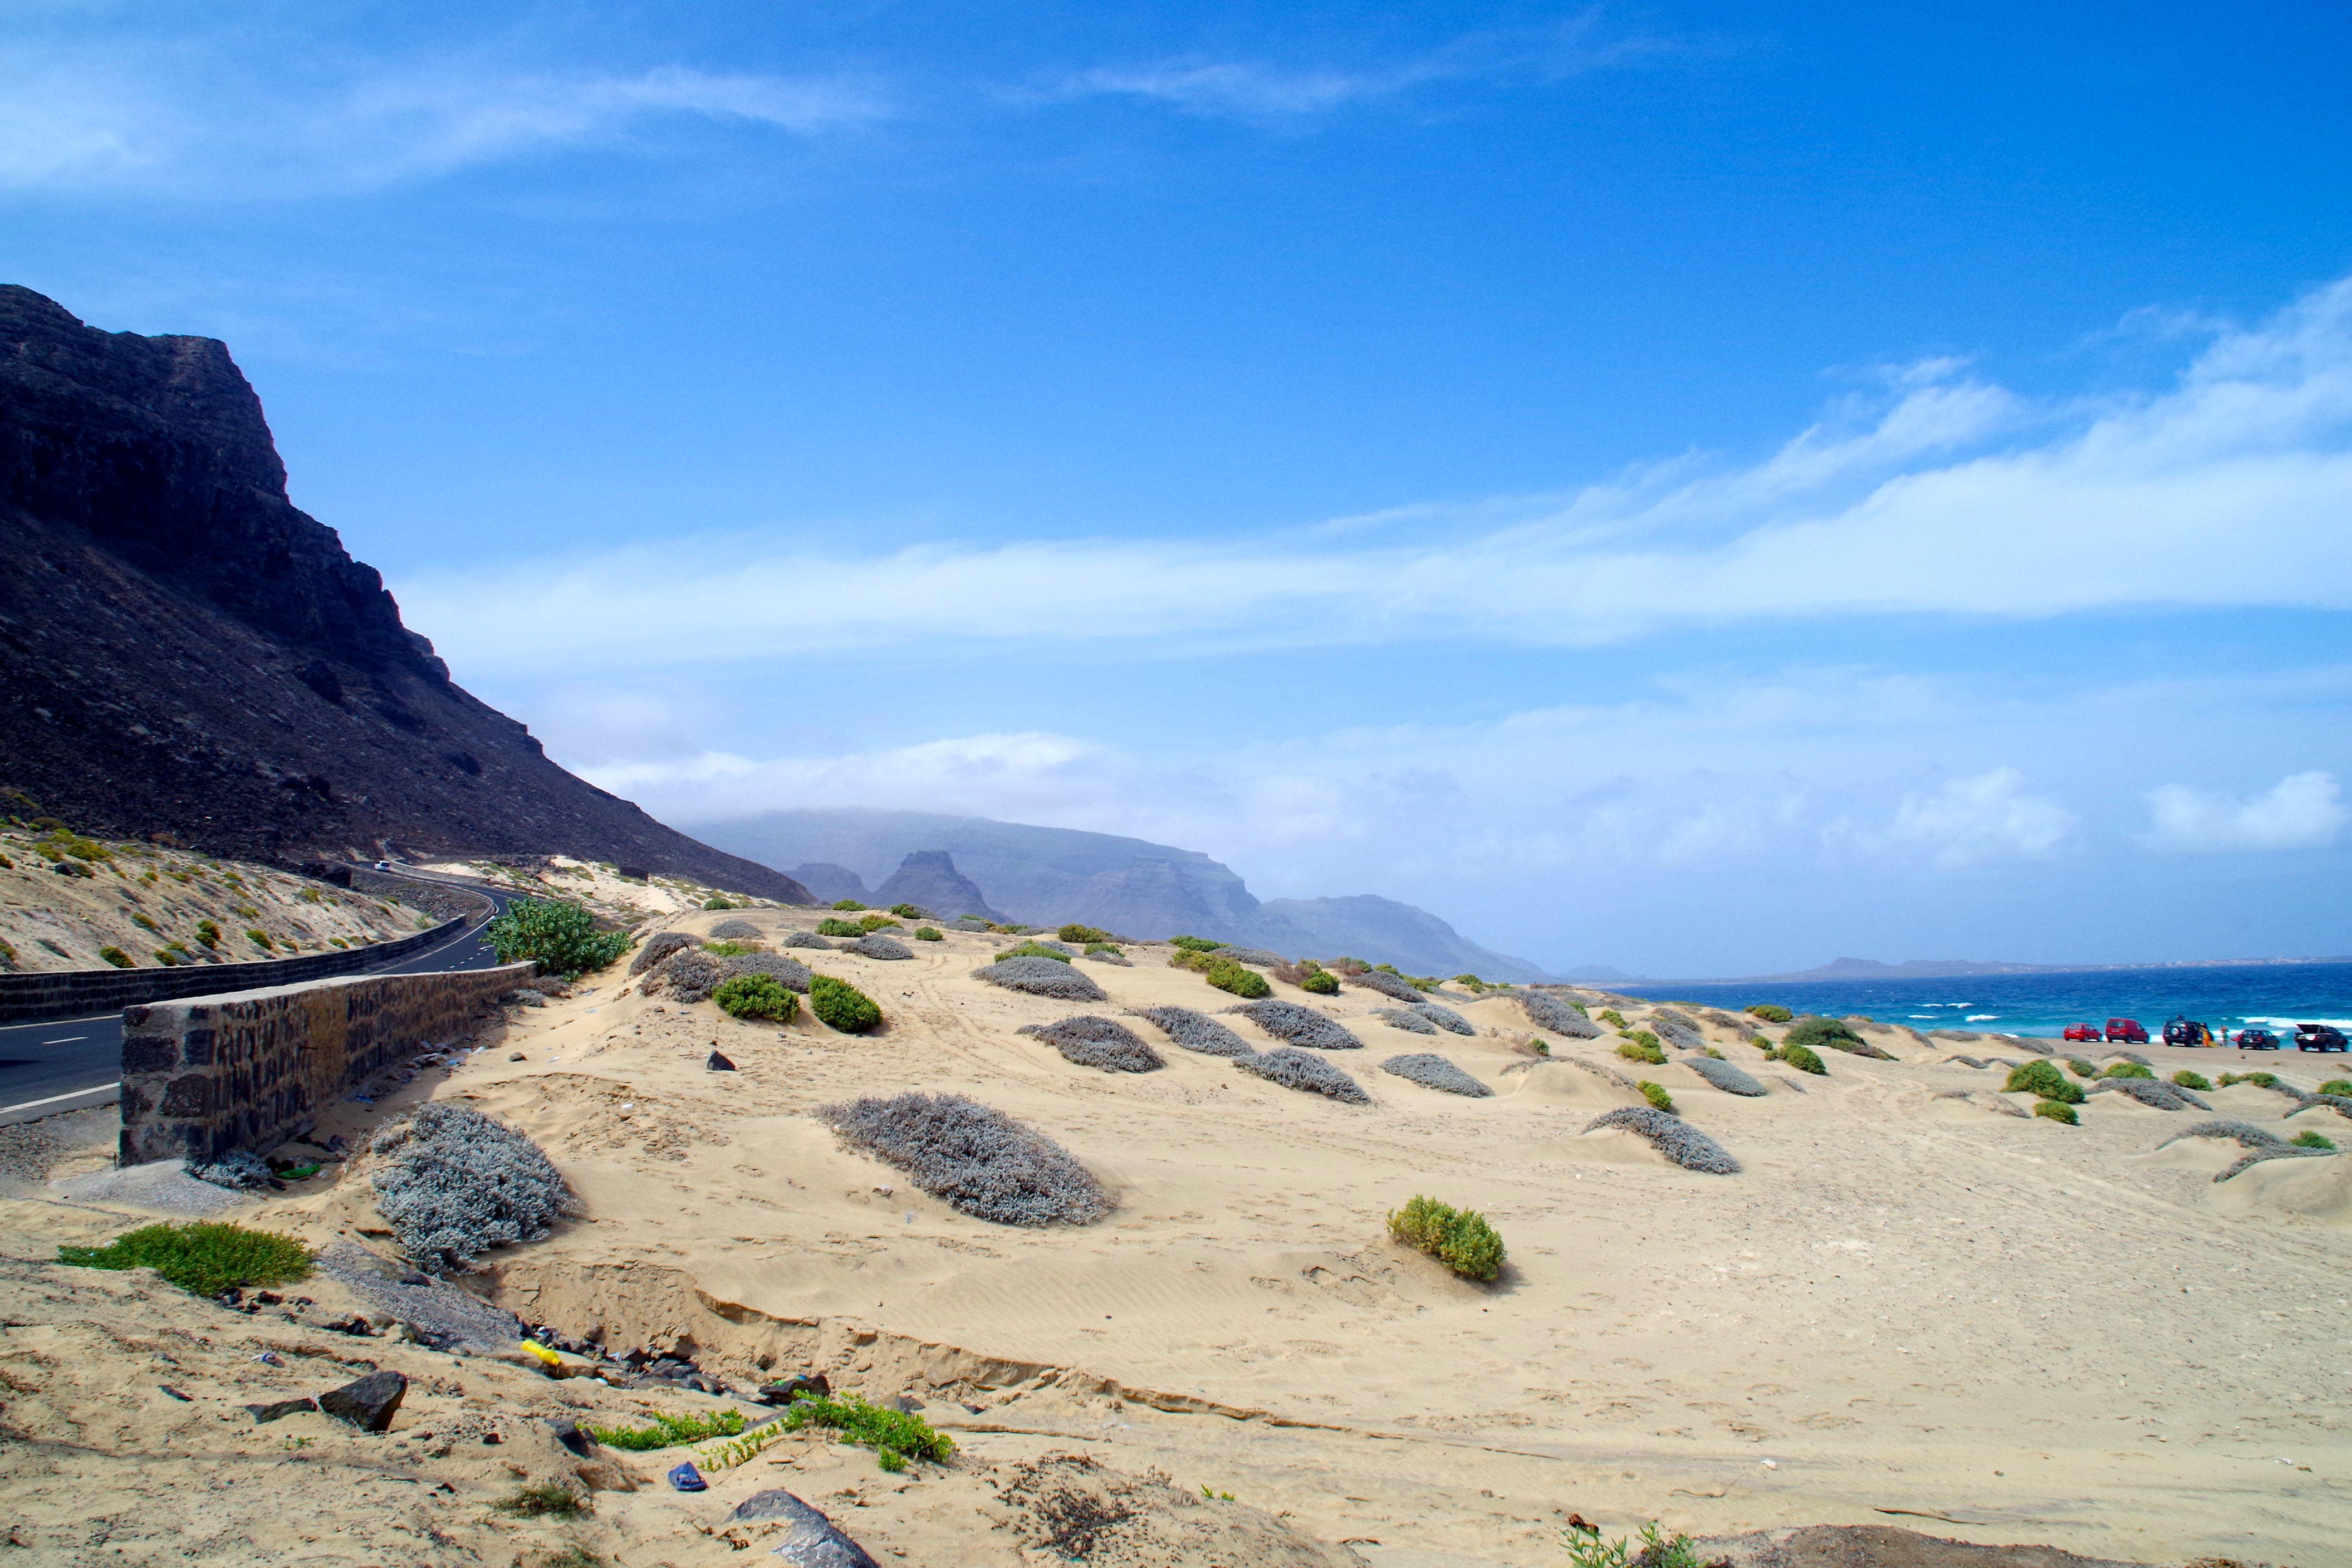 Mein Schiff Reiseziel: Mindelo - Strand von Baia das Gatas